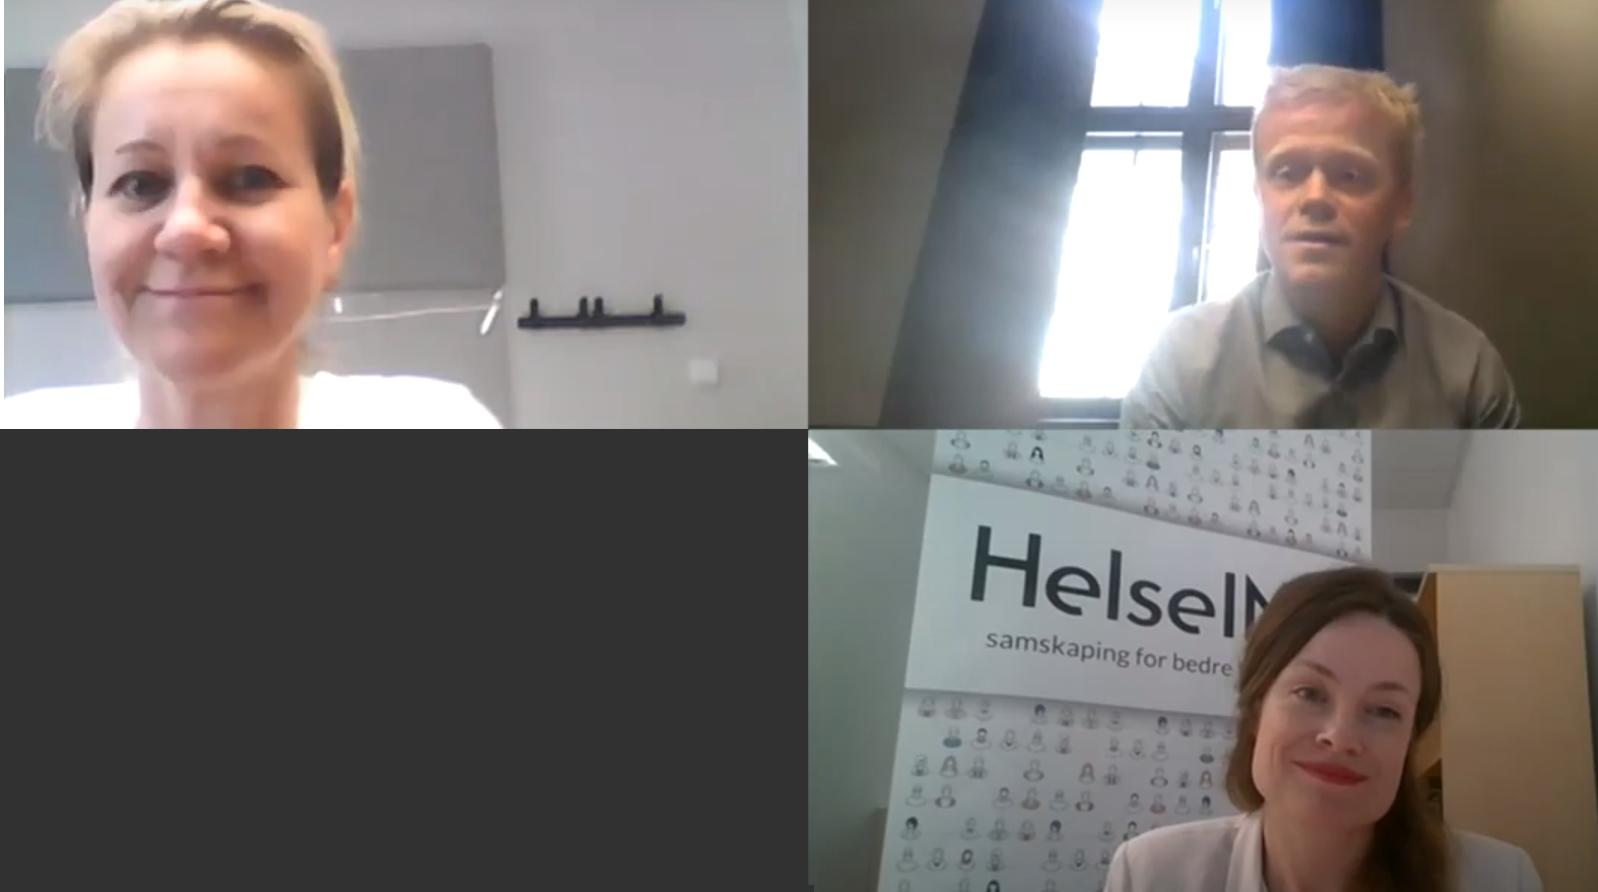 Skjermdump fra videosamtale mellom tre personer